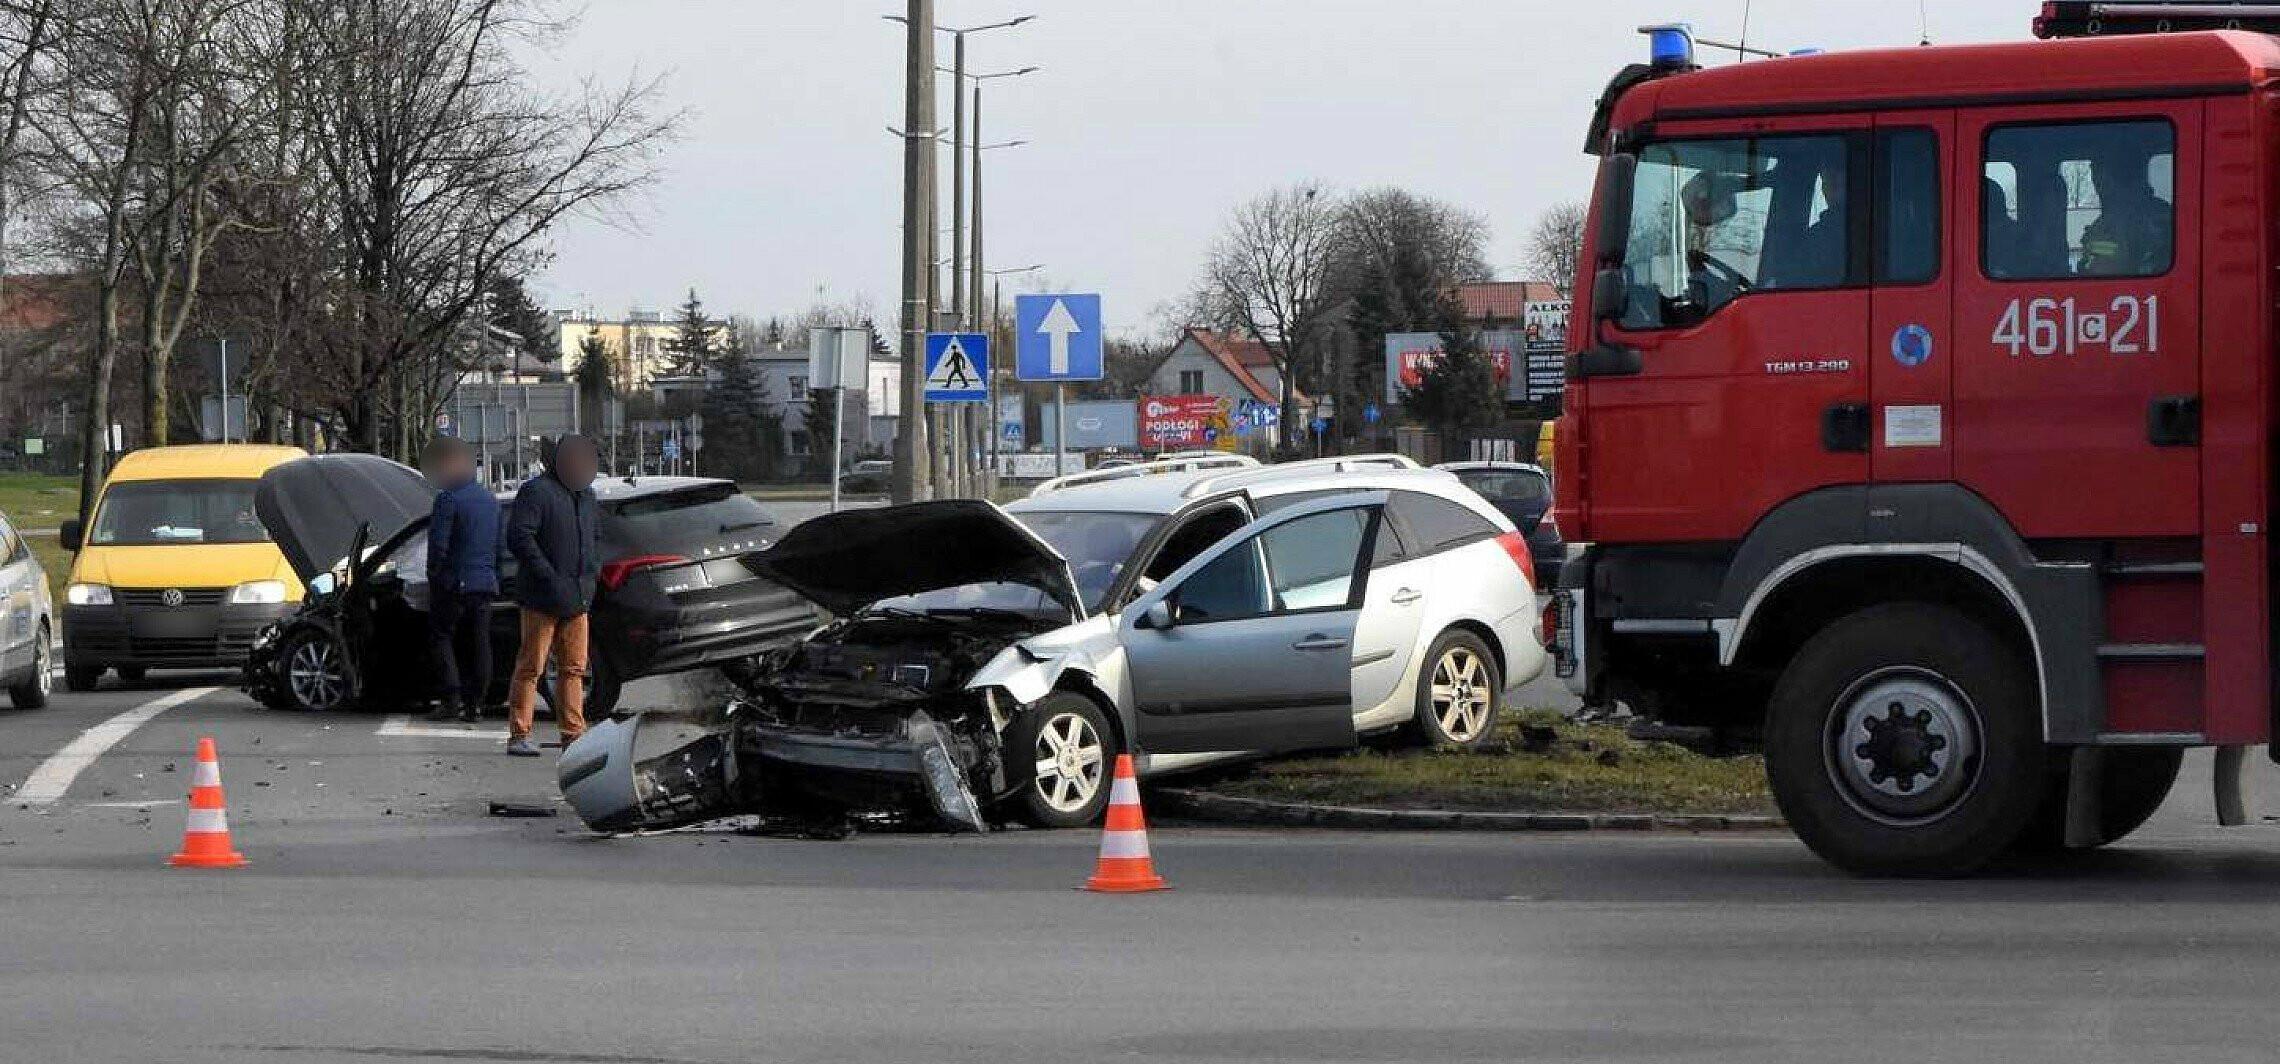 Inowrocław - Kolejna kraksa na ruchliwym skrzyżowaniu